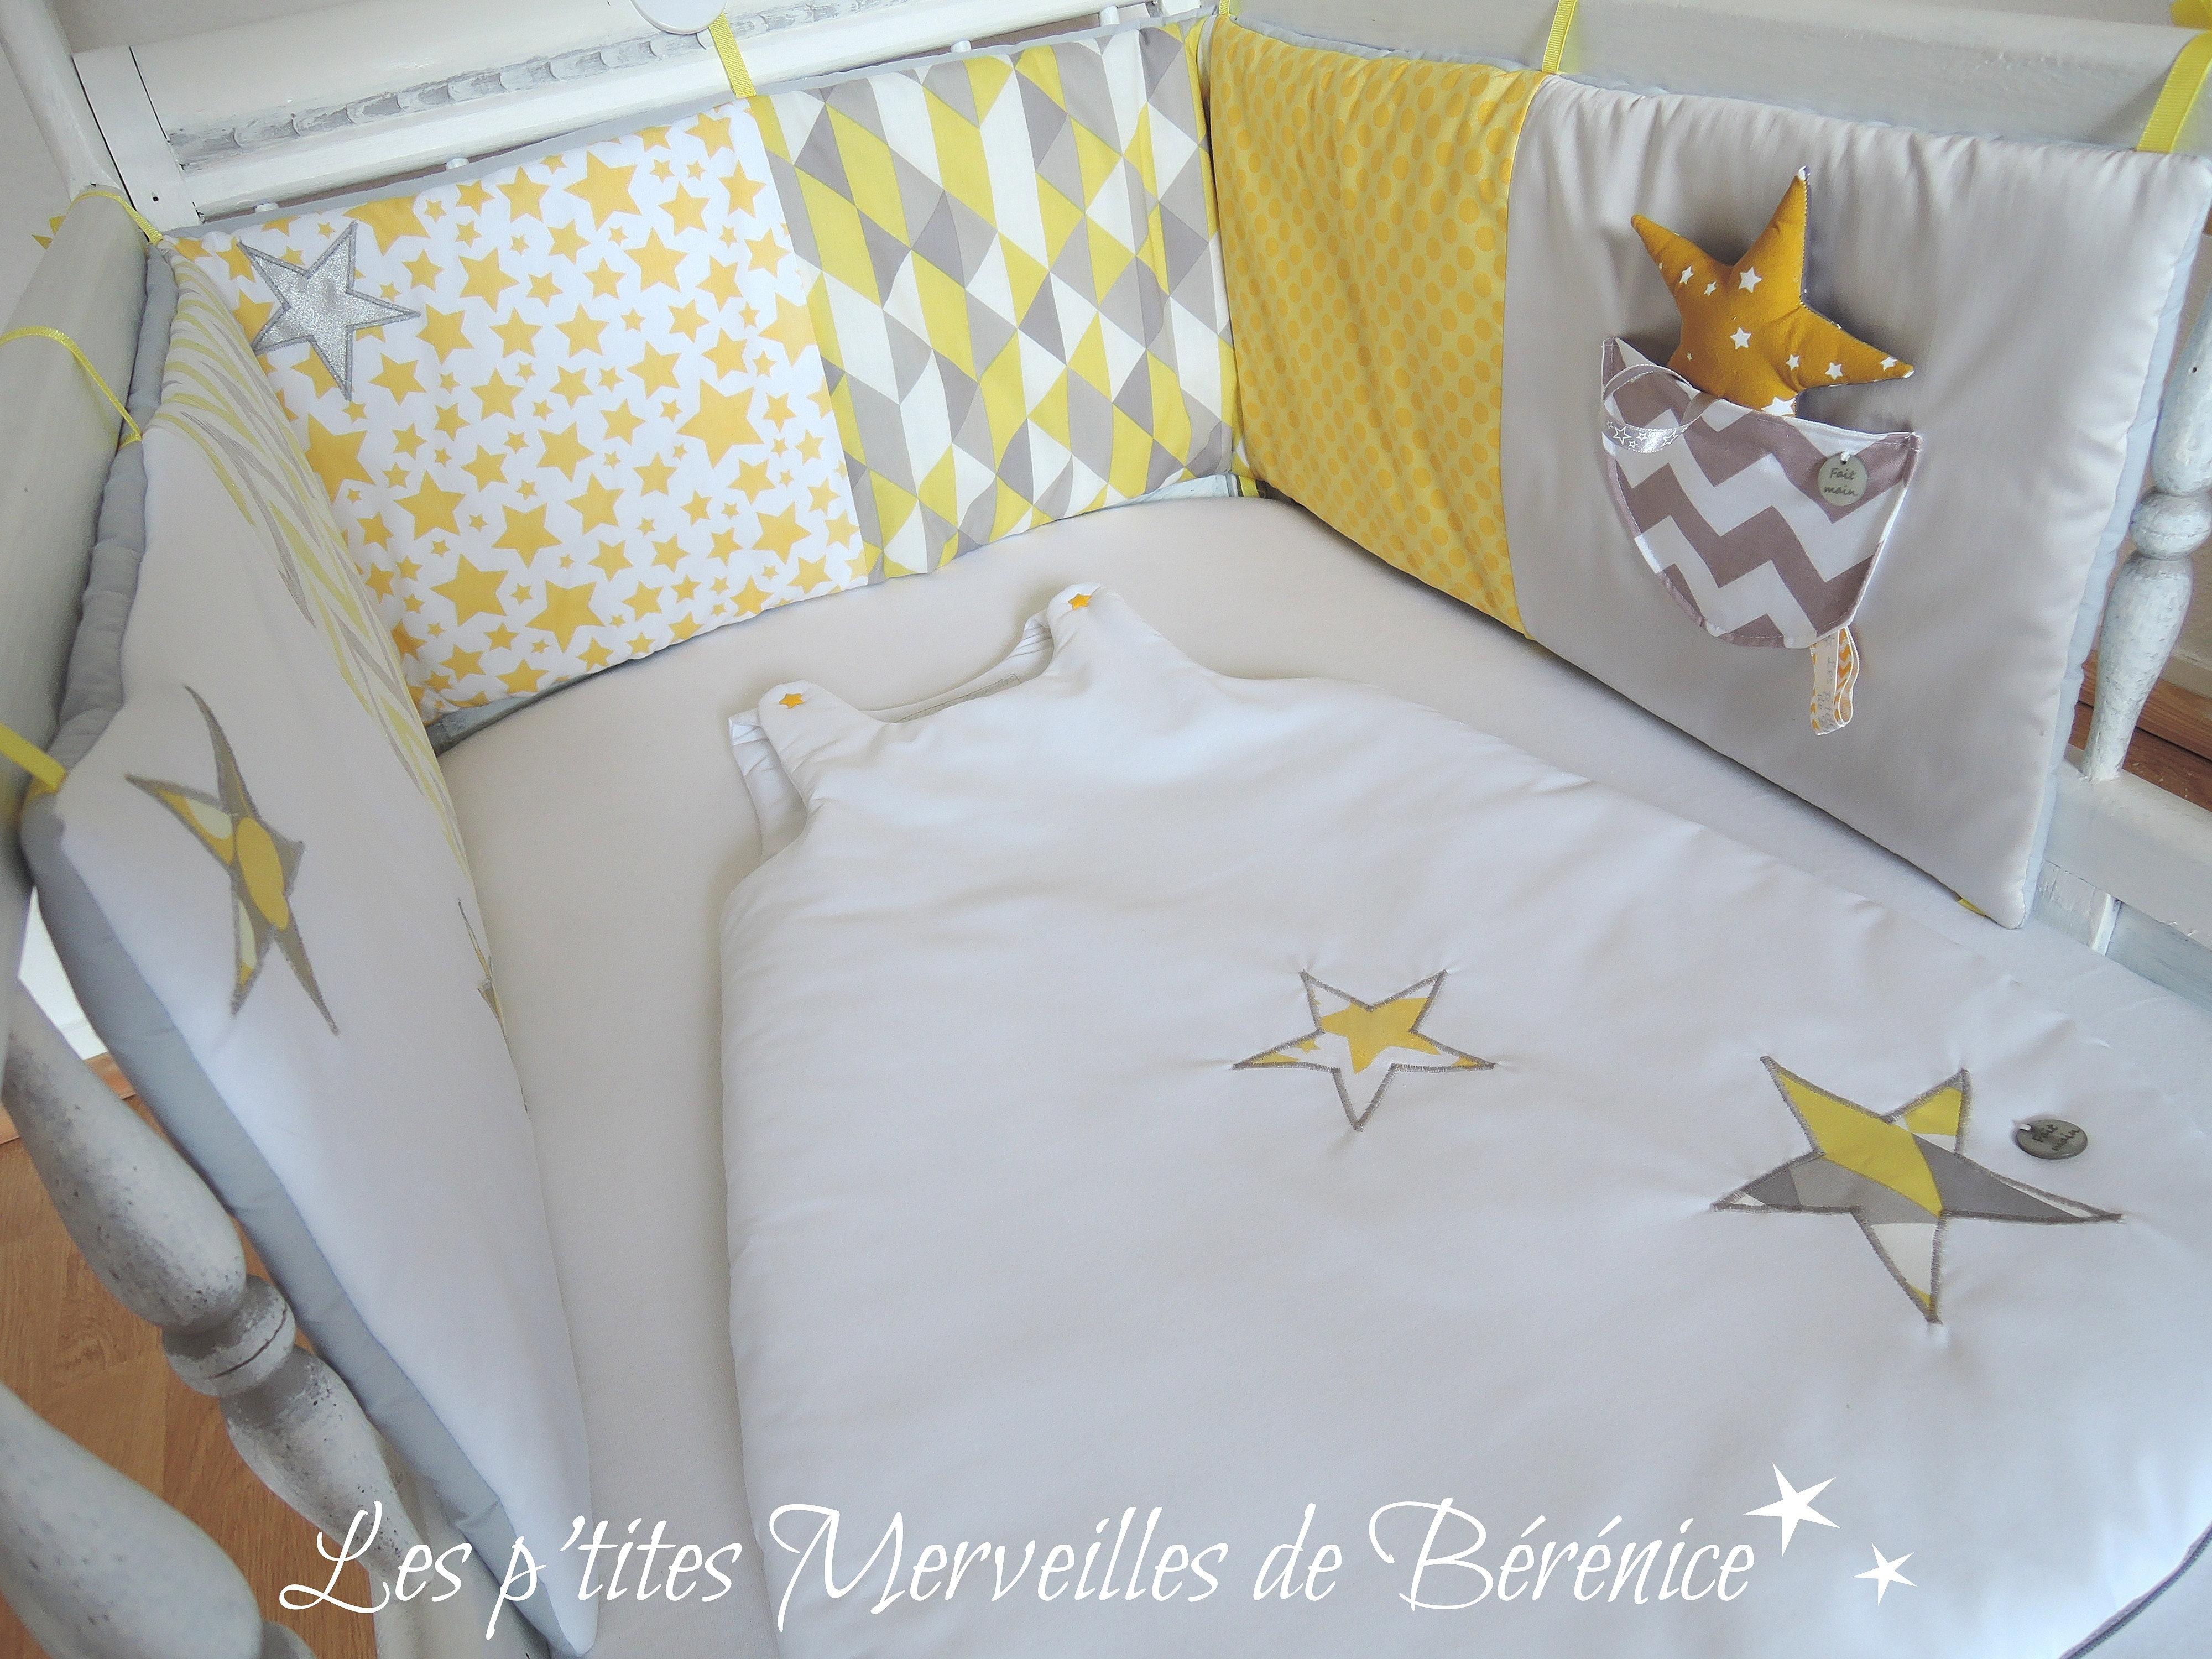 les p 39 tites merveilles de b r nice tour de lit. Black Bedroom Furniture Sets. Home Design Ideas